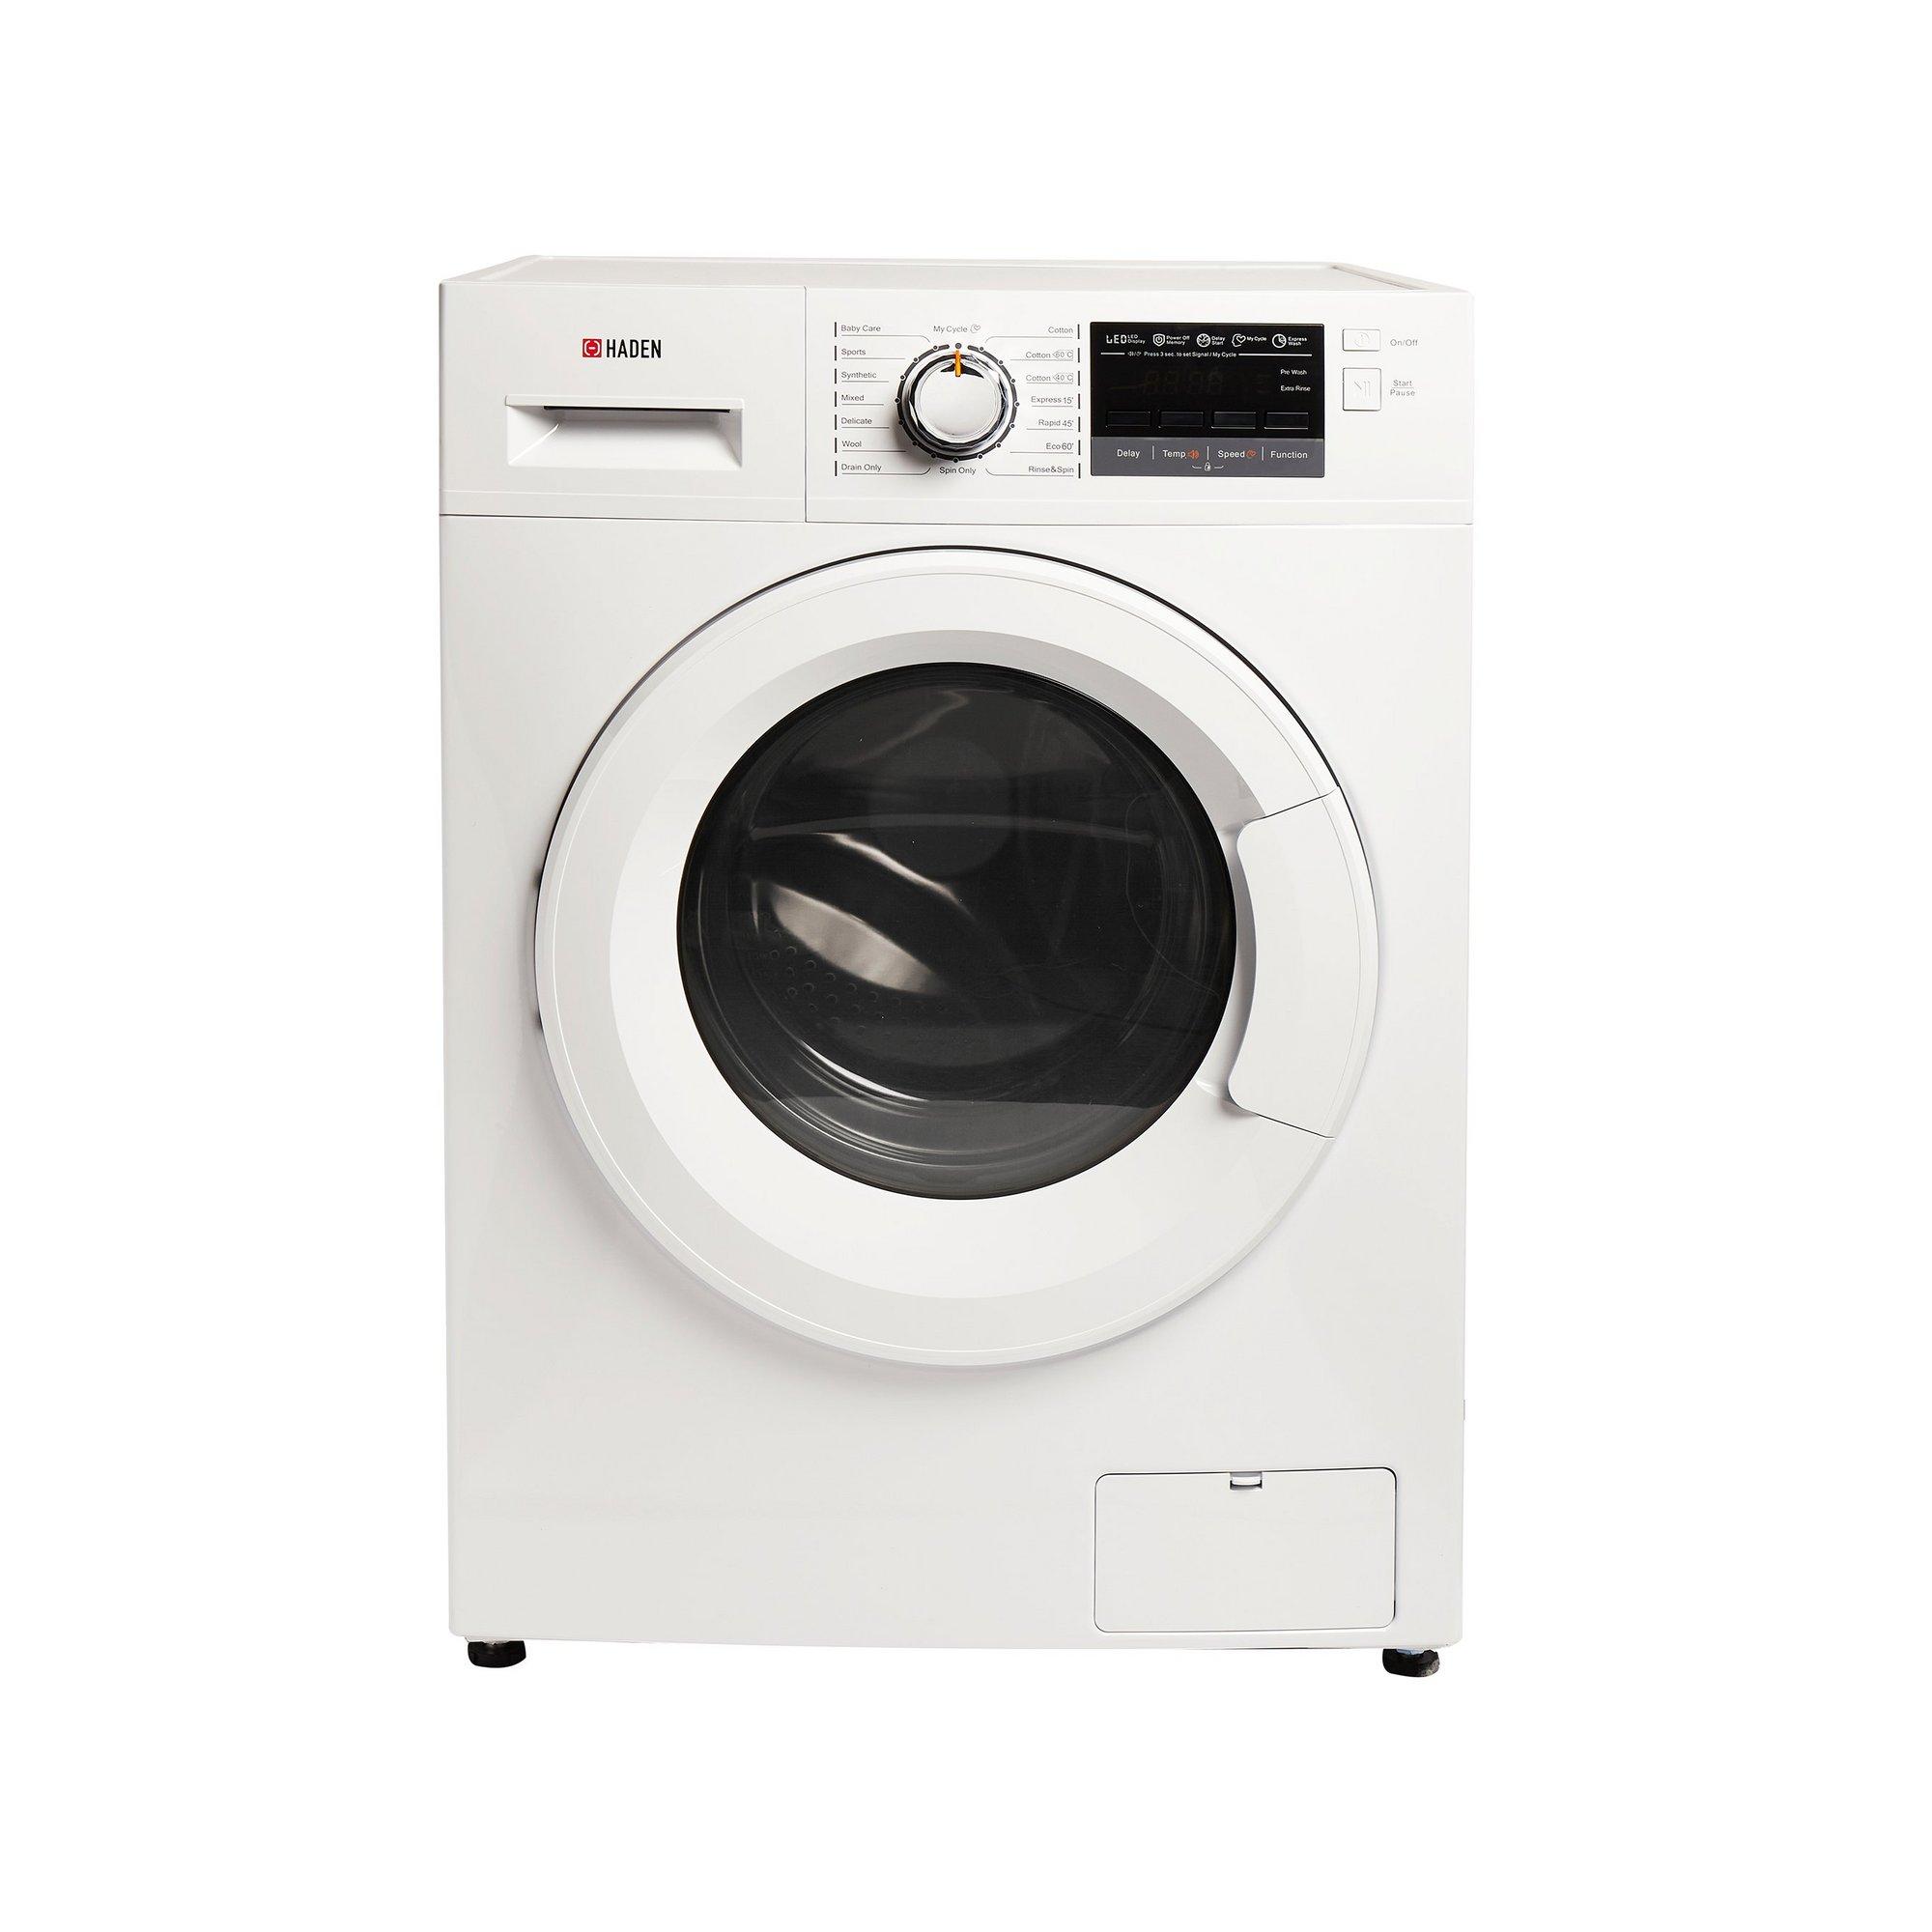 Image of Haden 10kg 1600 Spin Washing Machine